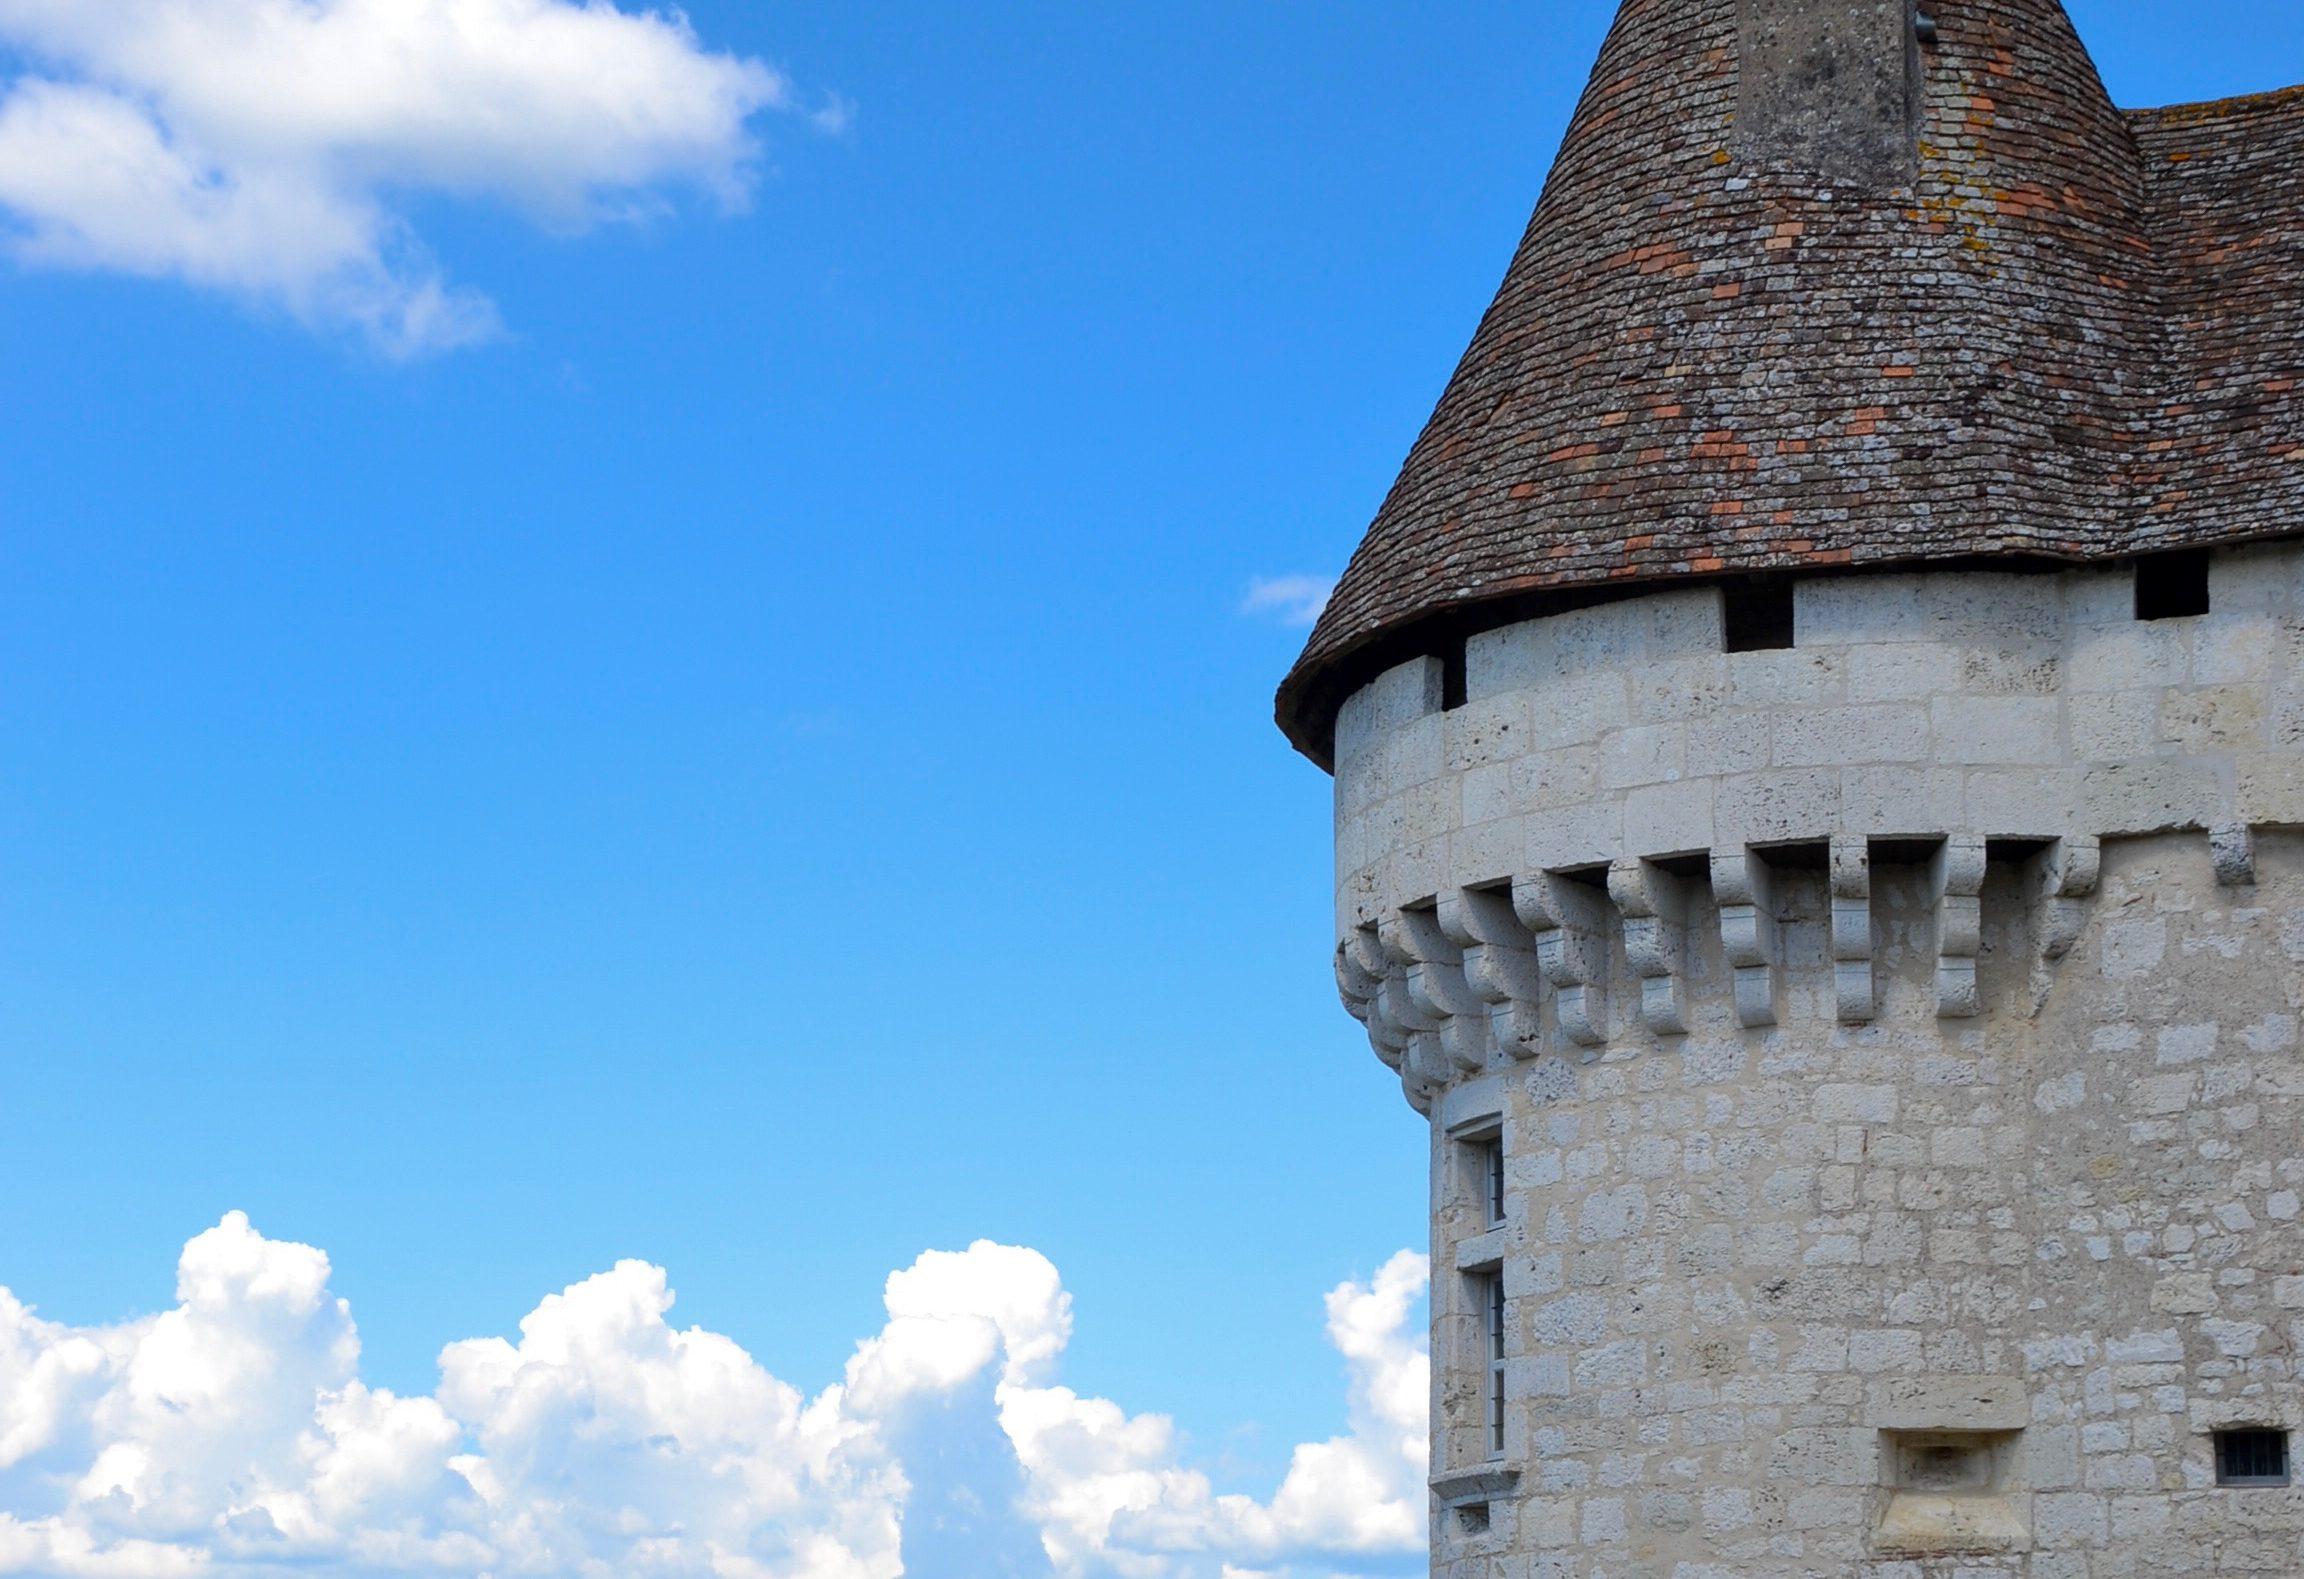 La tour des vents avis la tour des vents restaurant étoilé chateau de monbazillac la tour des vents monbazillac vin monbazillac quoi faire à bergerac quoi faire en dordogne quoi faire autour de bergerac un week-end en dordogne quoi faire en un week-end en Dordogne les p'tits touristes blog voyage les petits touristes